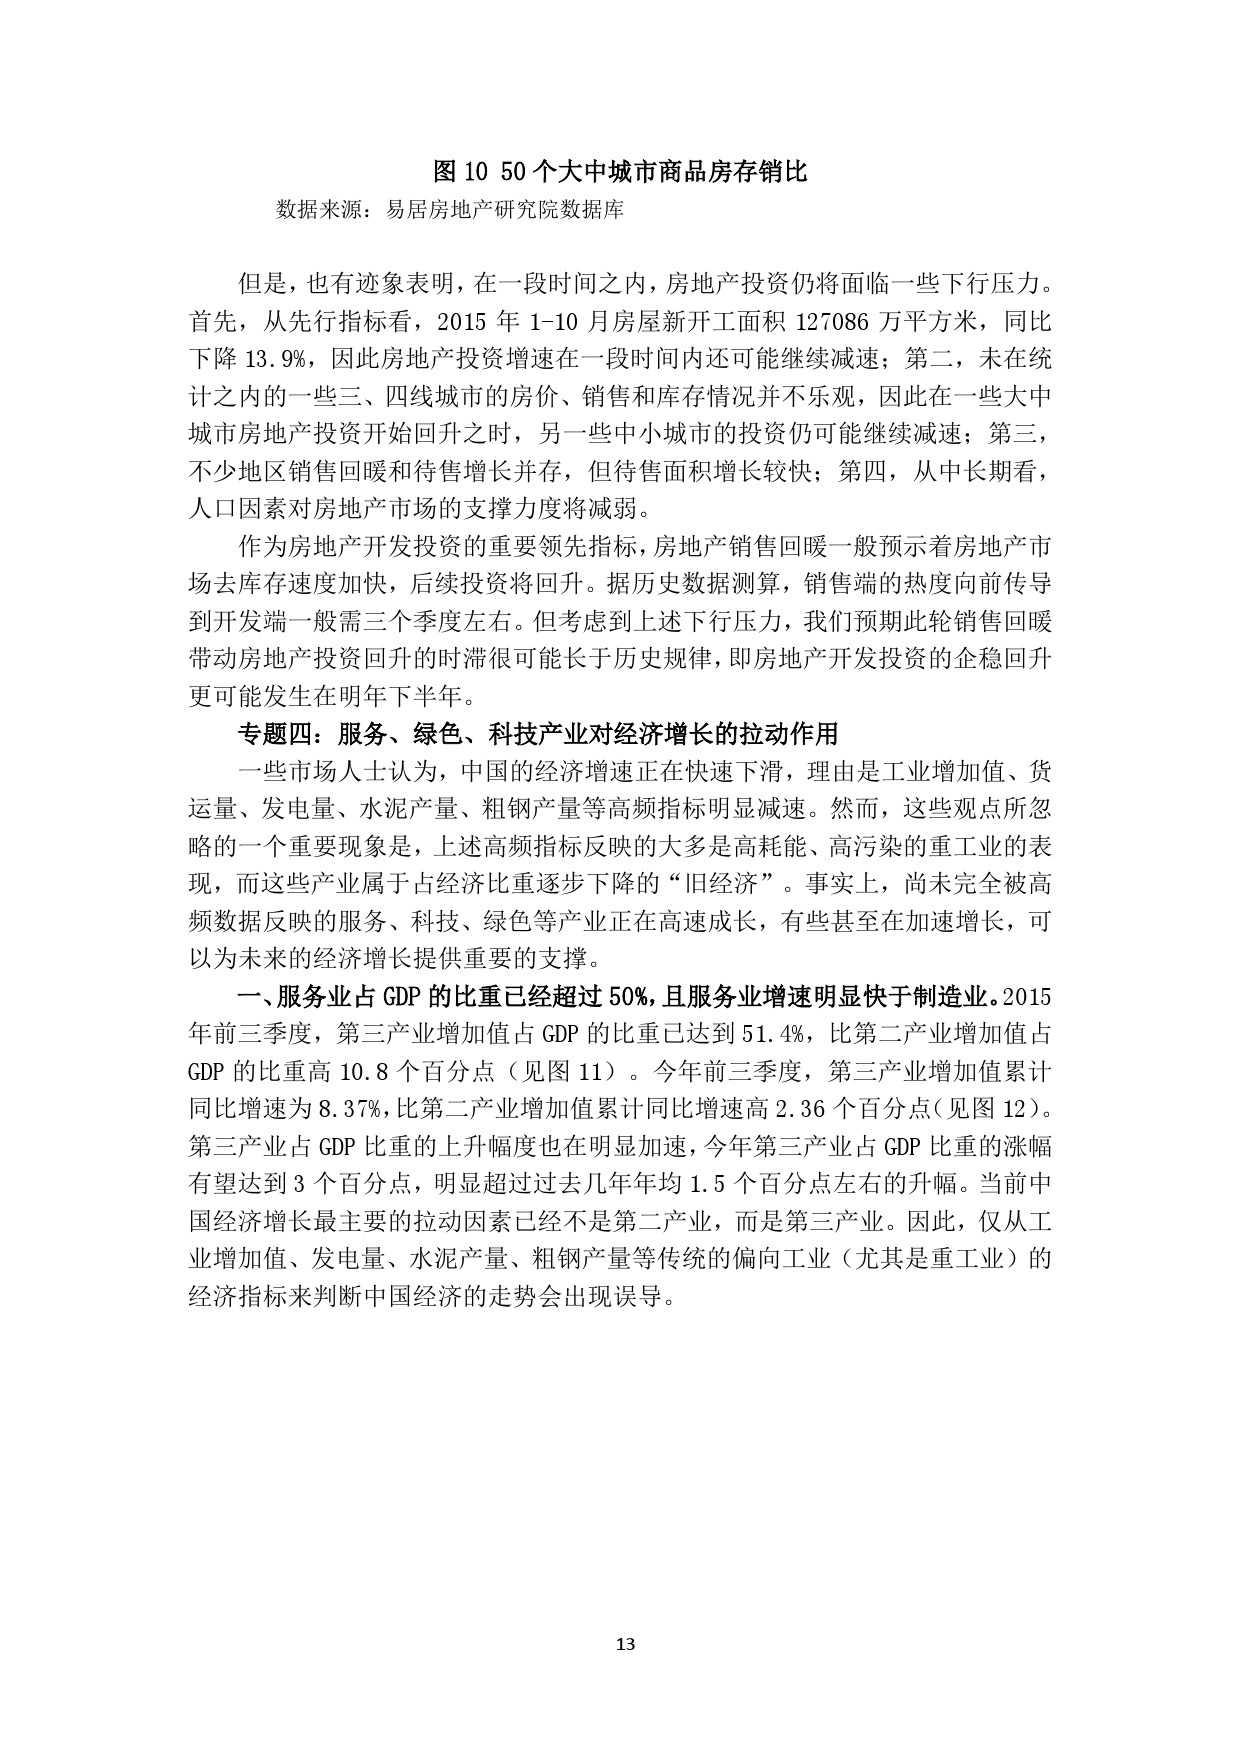 中国人民银行:2016 年中国宏观经济预测_000013